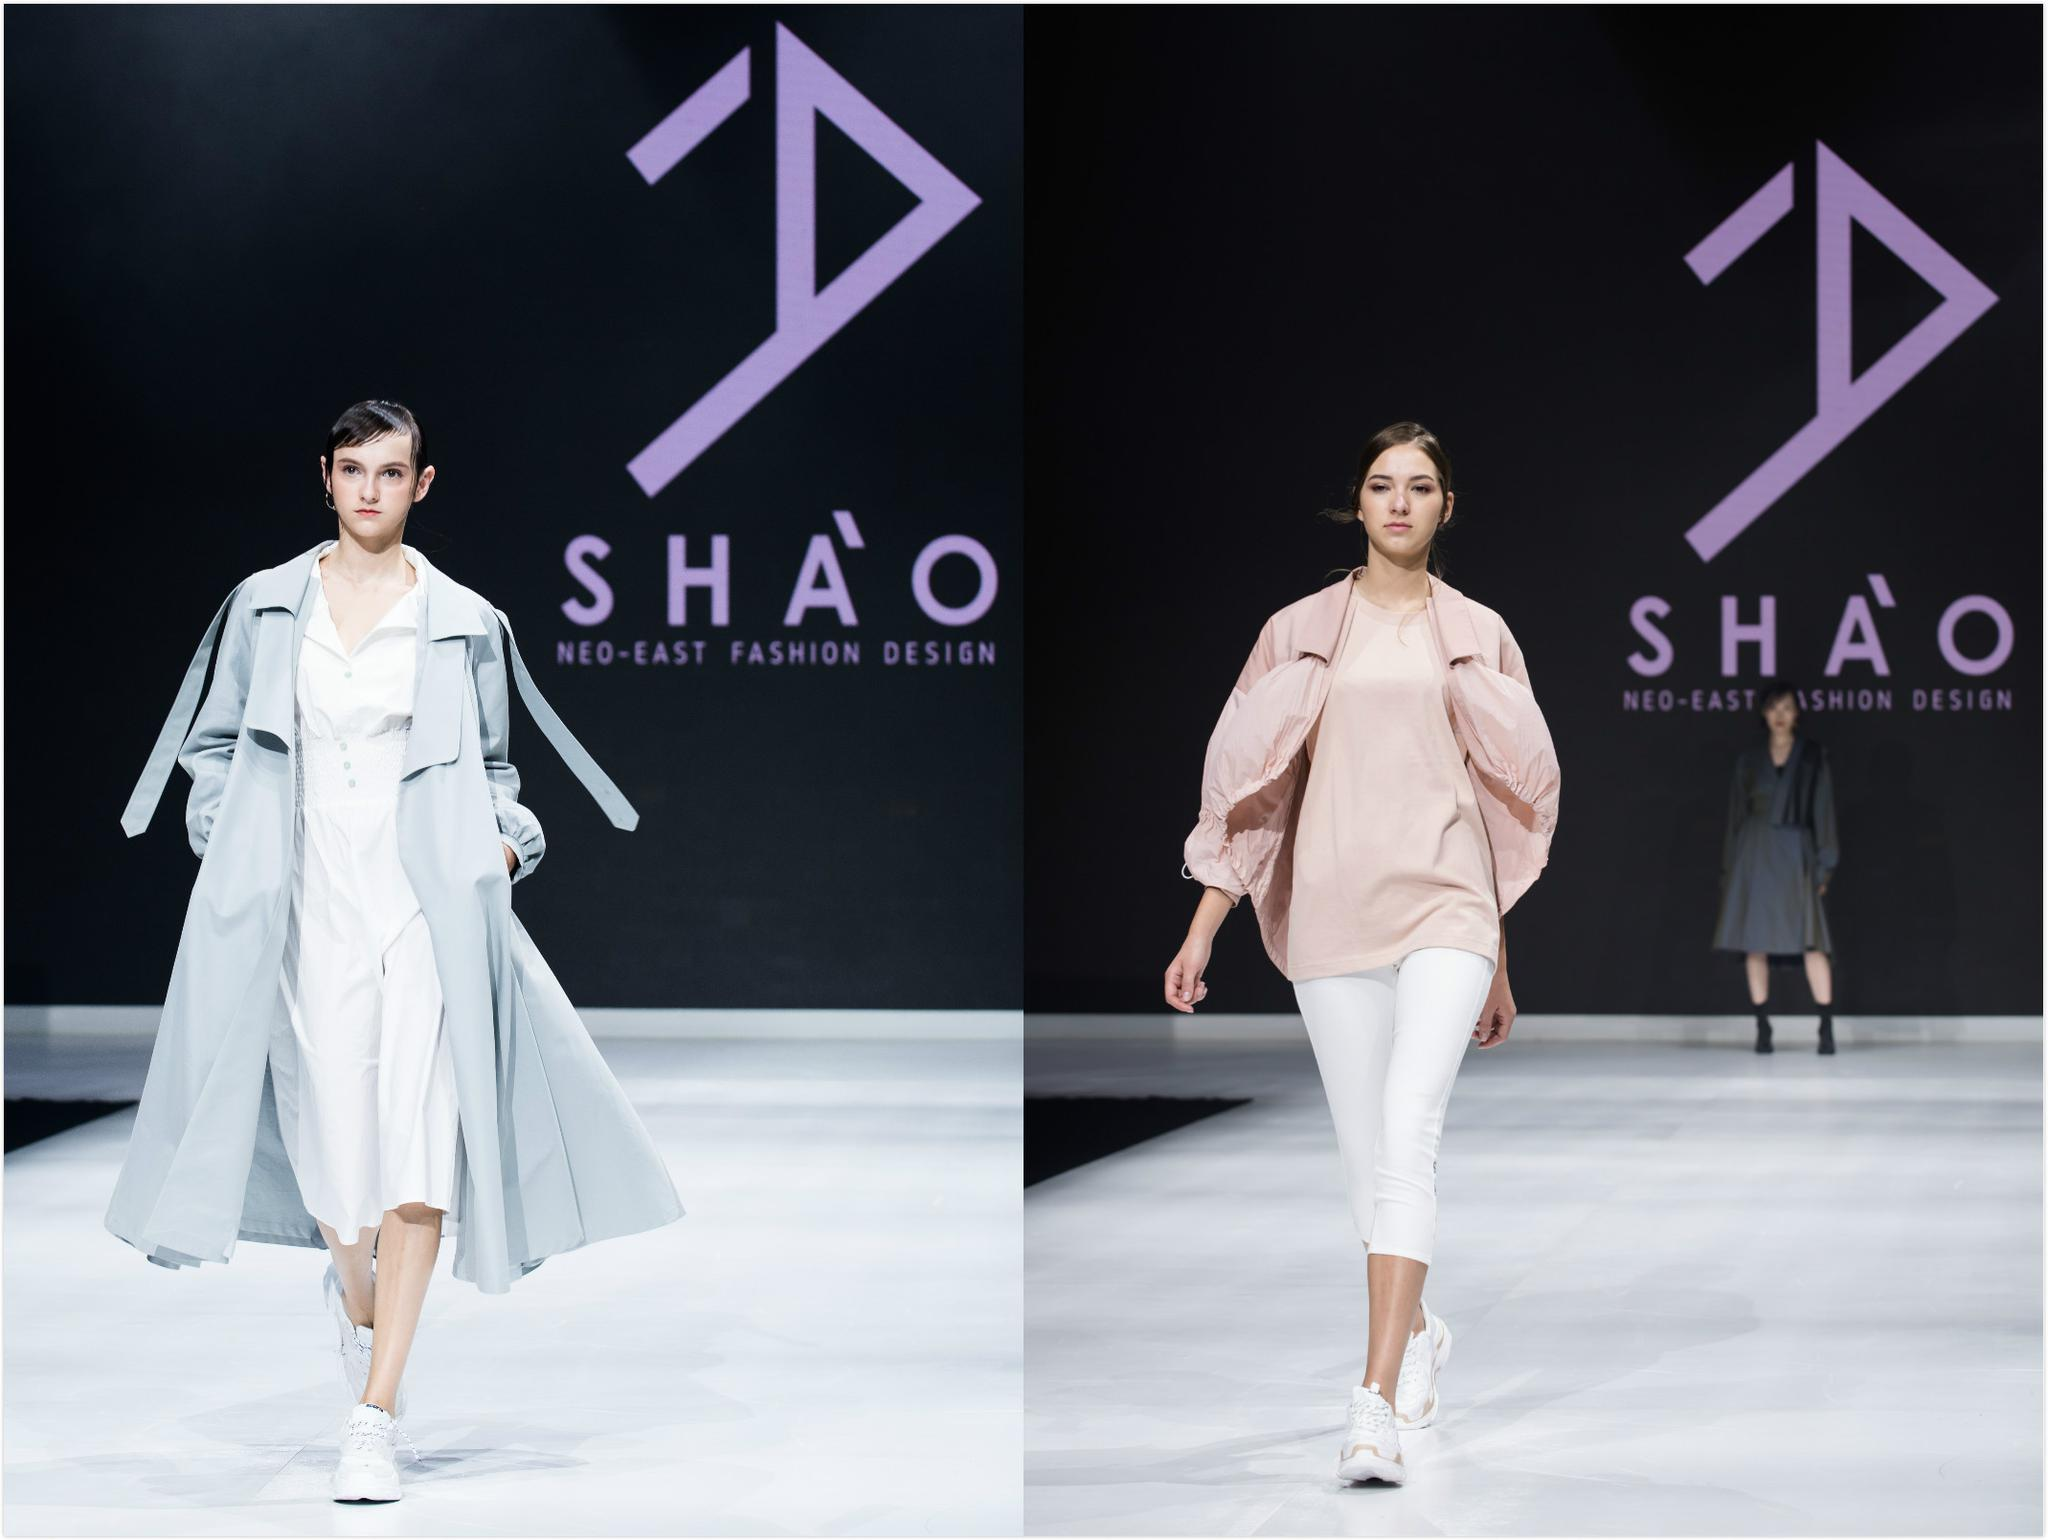 2019北京时装周余少群SHAO春夏发布会